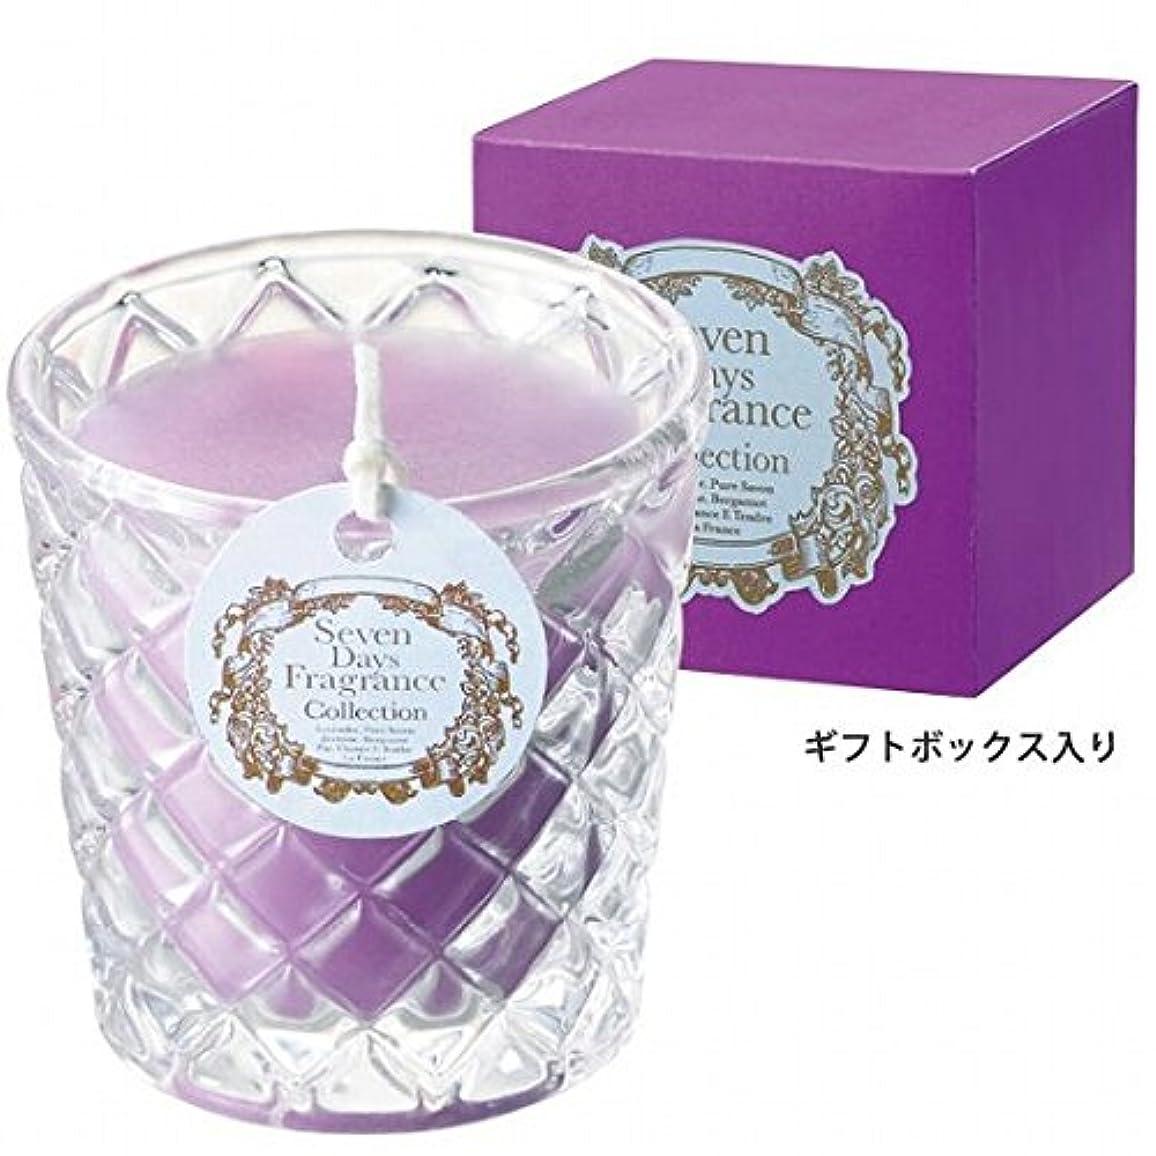 崩壊エレガント委任カメヤマキャンドル(kameyama candle) セブンデイズグラスキャンドル(日曜日) 「 ラベンダー 」